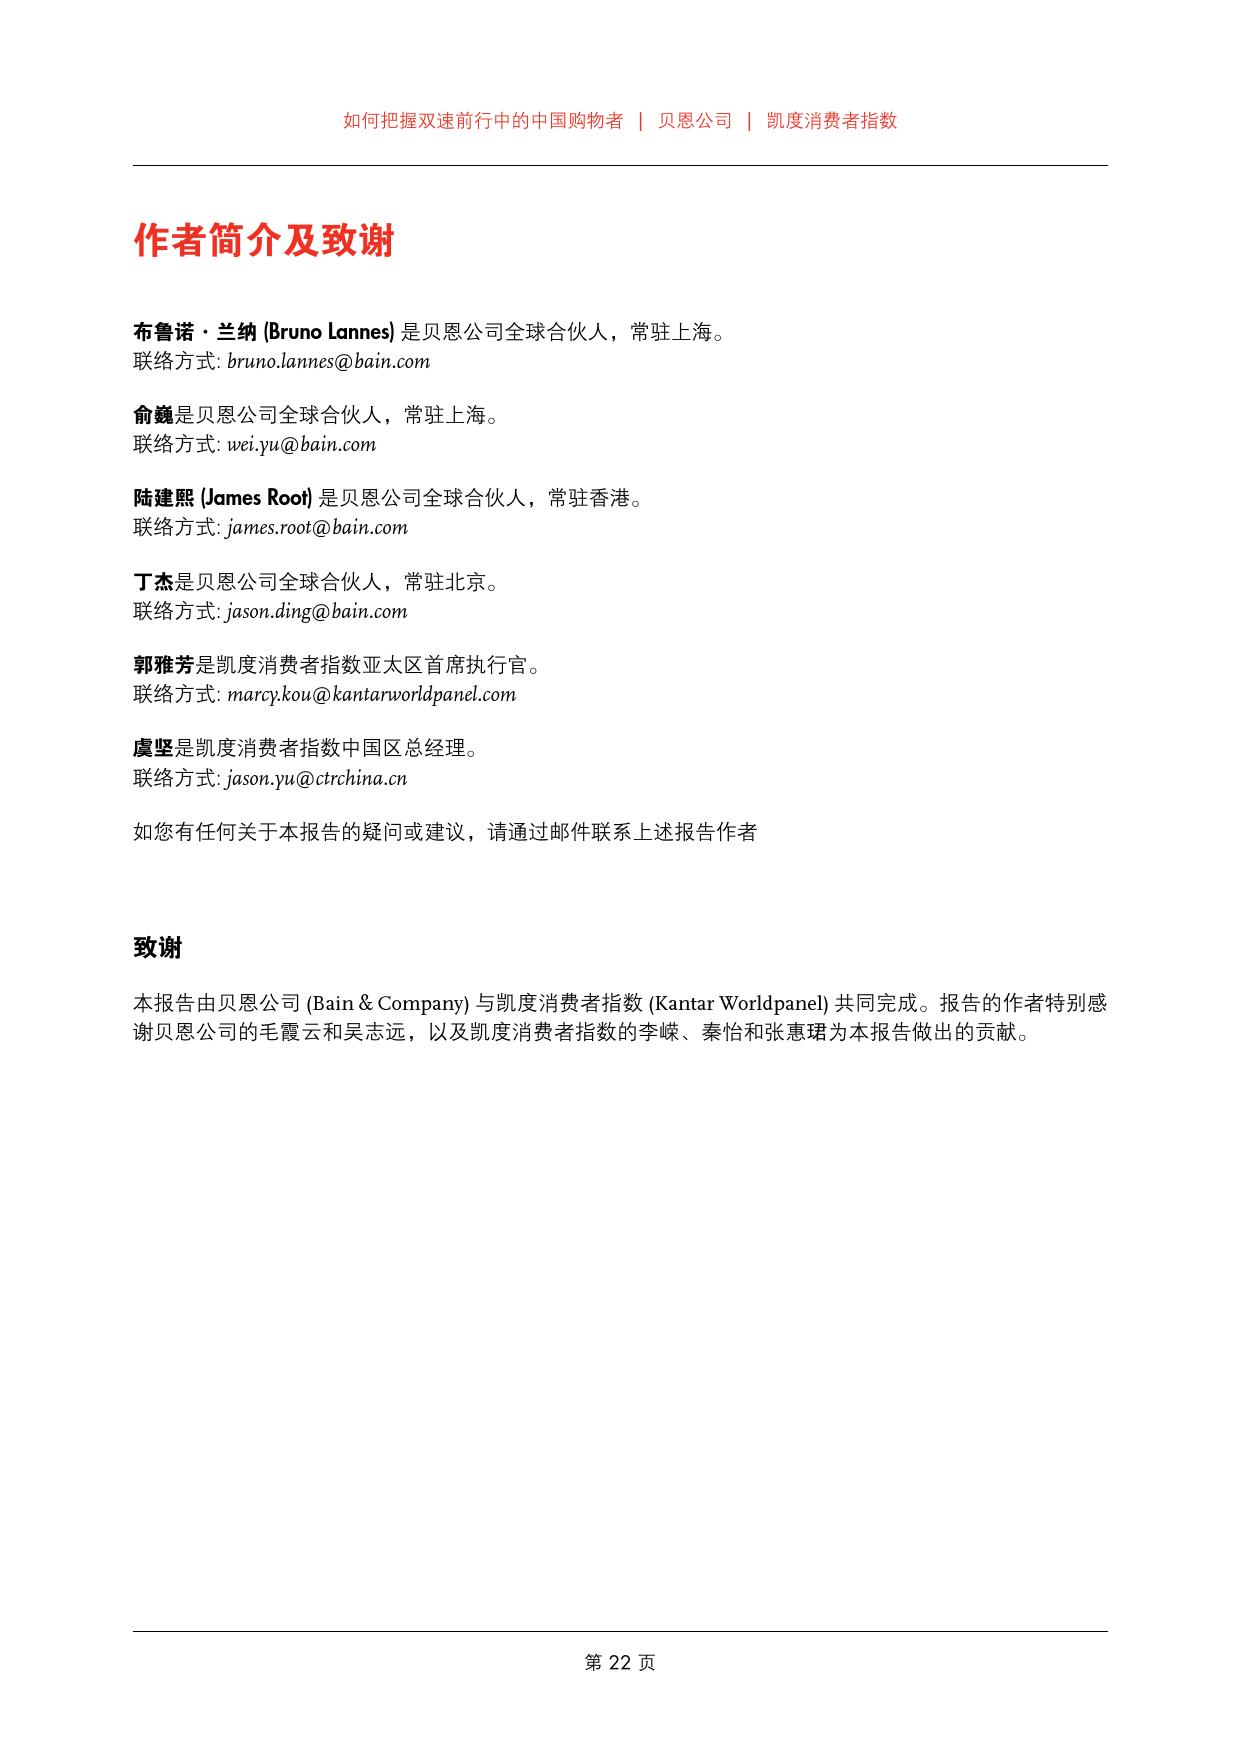 2016年中国购物者报告_000024